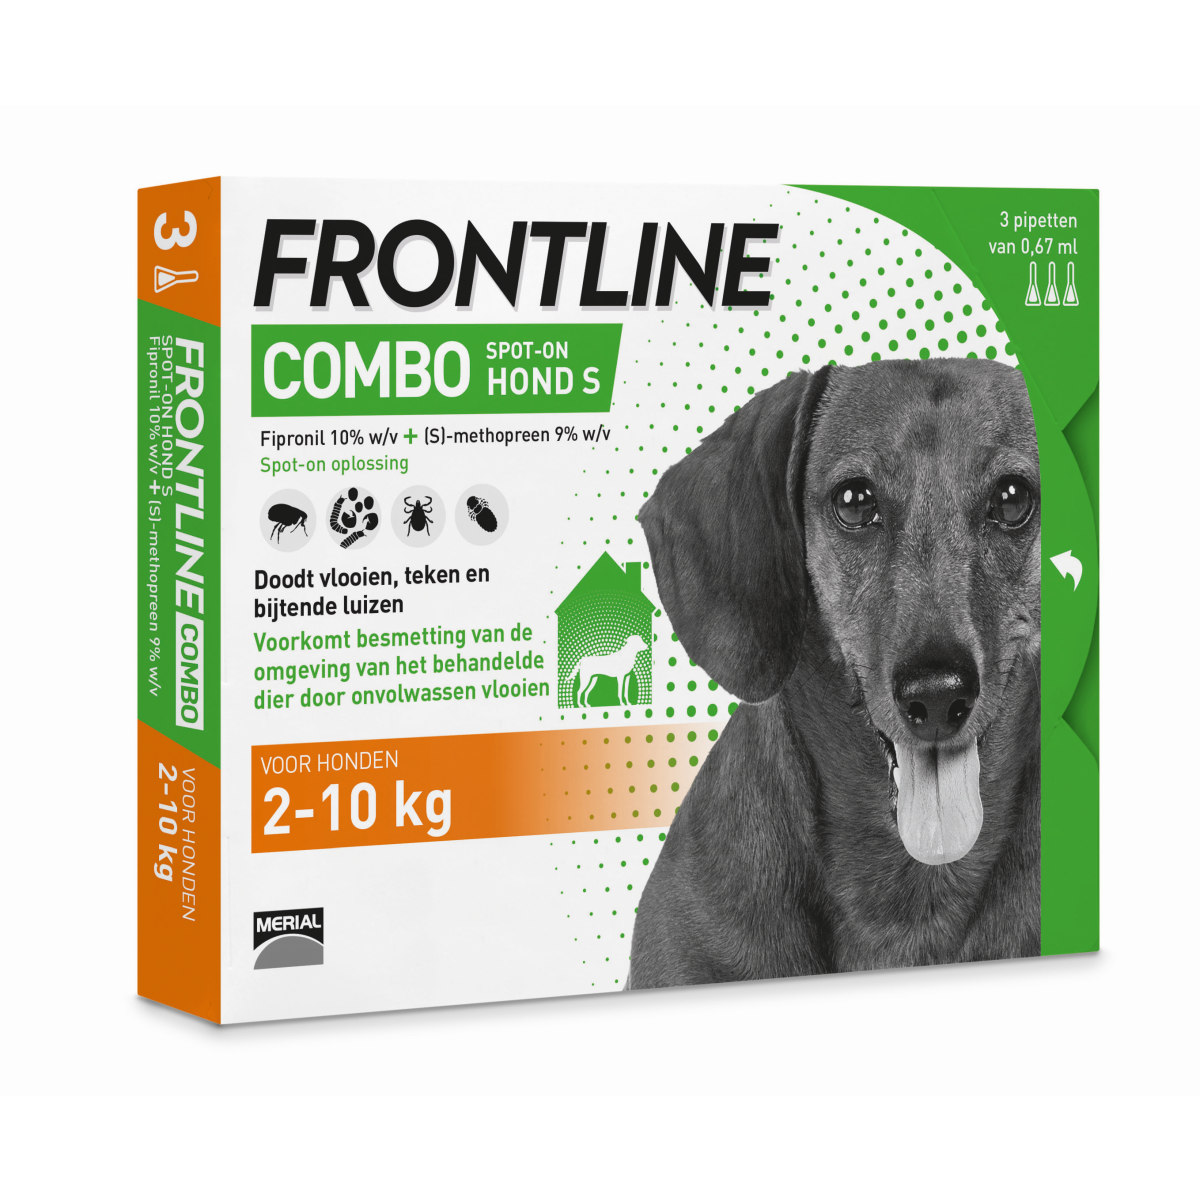 FRONTLINE COMBO HOND SM. 3PIP 00001